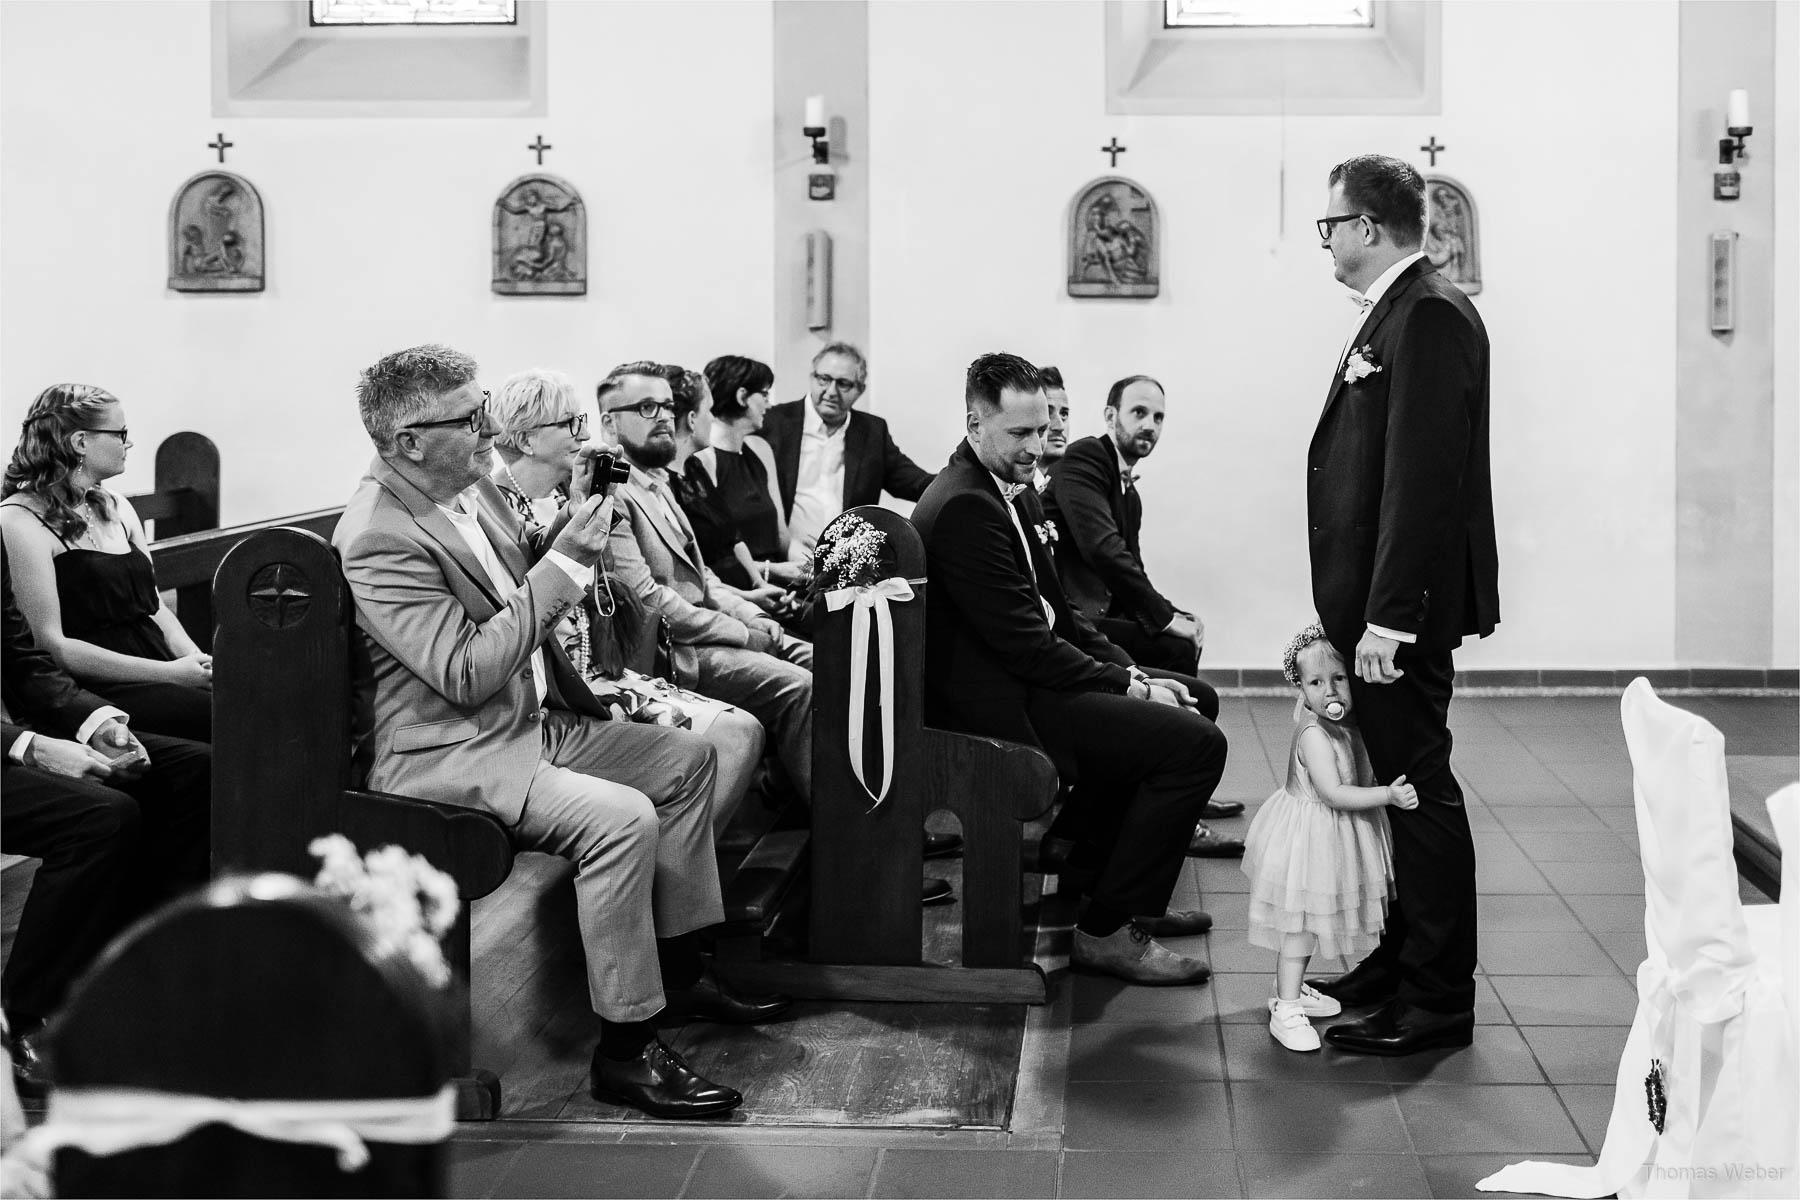 Kirche St. Marien in Rastede, Kirchliche Hochzeit in Rastede und Hochzeitsfeier in der Scheune St. Georg Rastede, Hochzeitsfotograf Thomas Weber aus Oldenburg